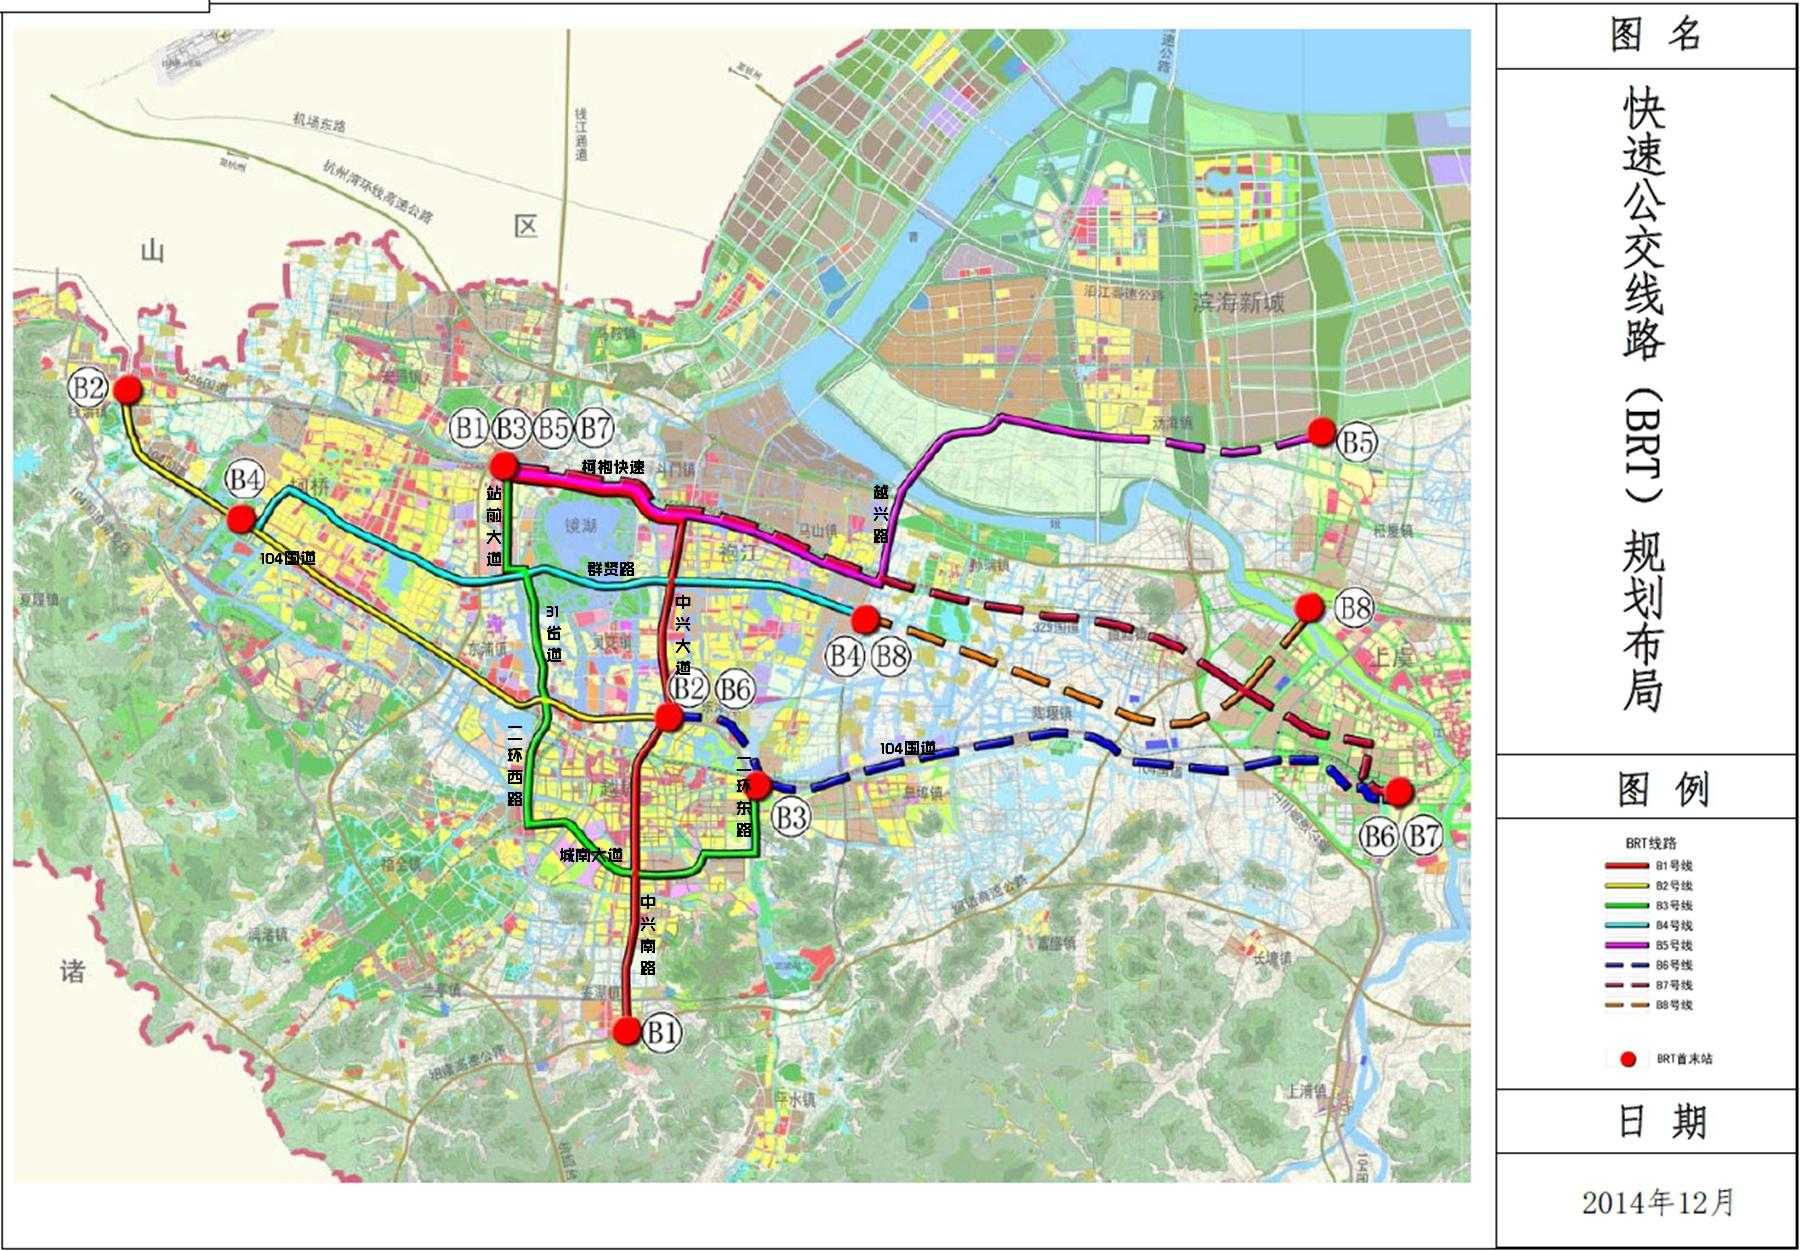 城中「规划」绍兴市区公共交通规划(2014-2030)之一 · 八条brt线路